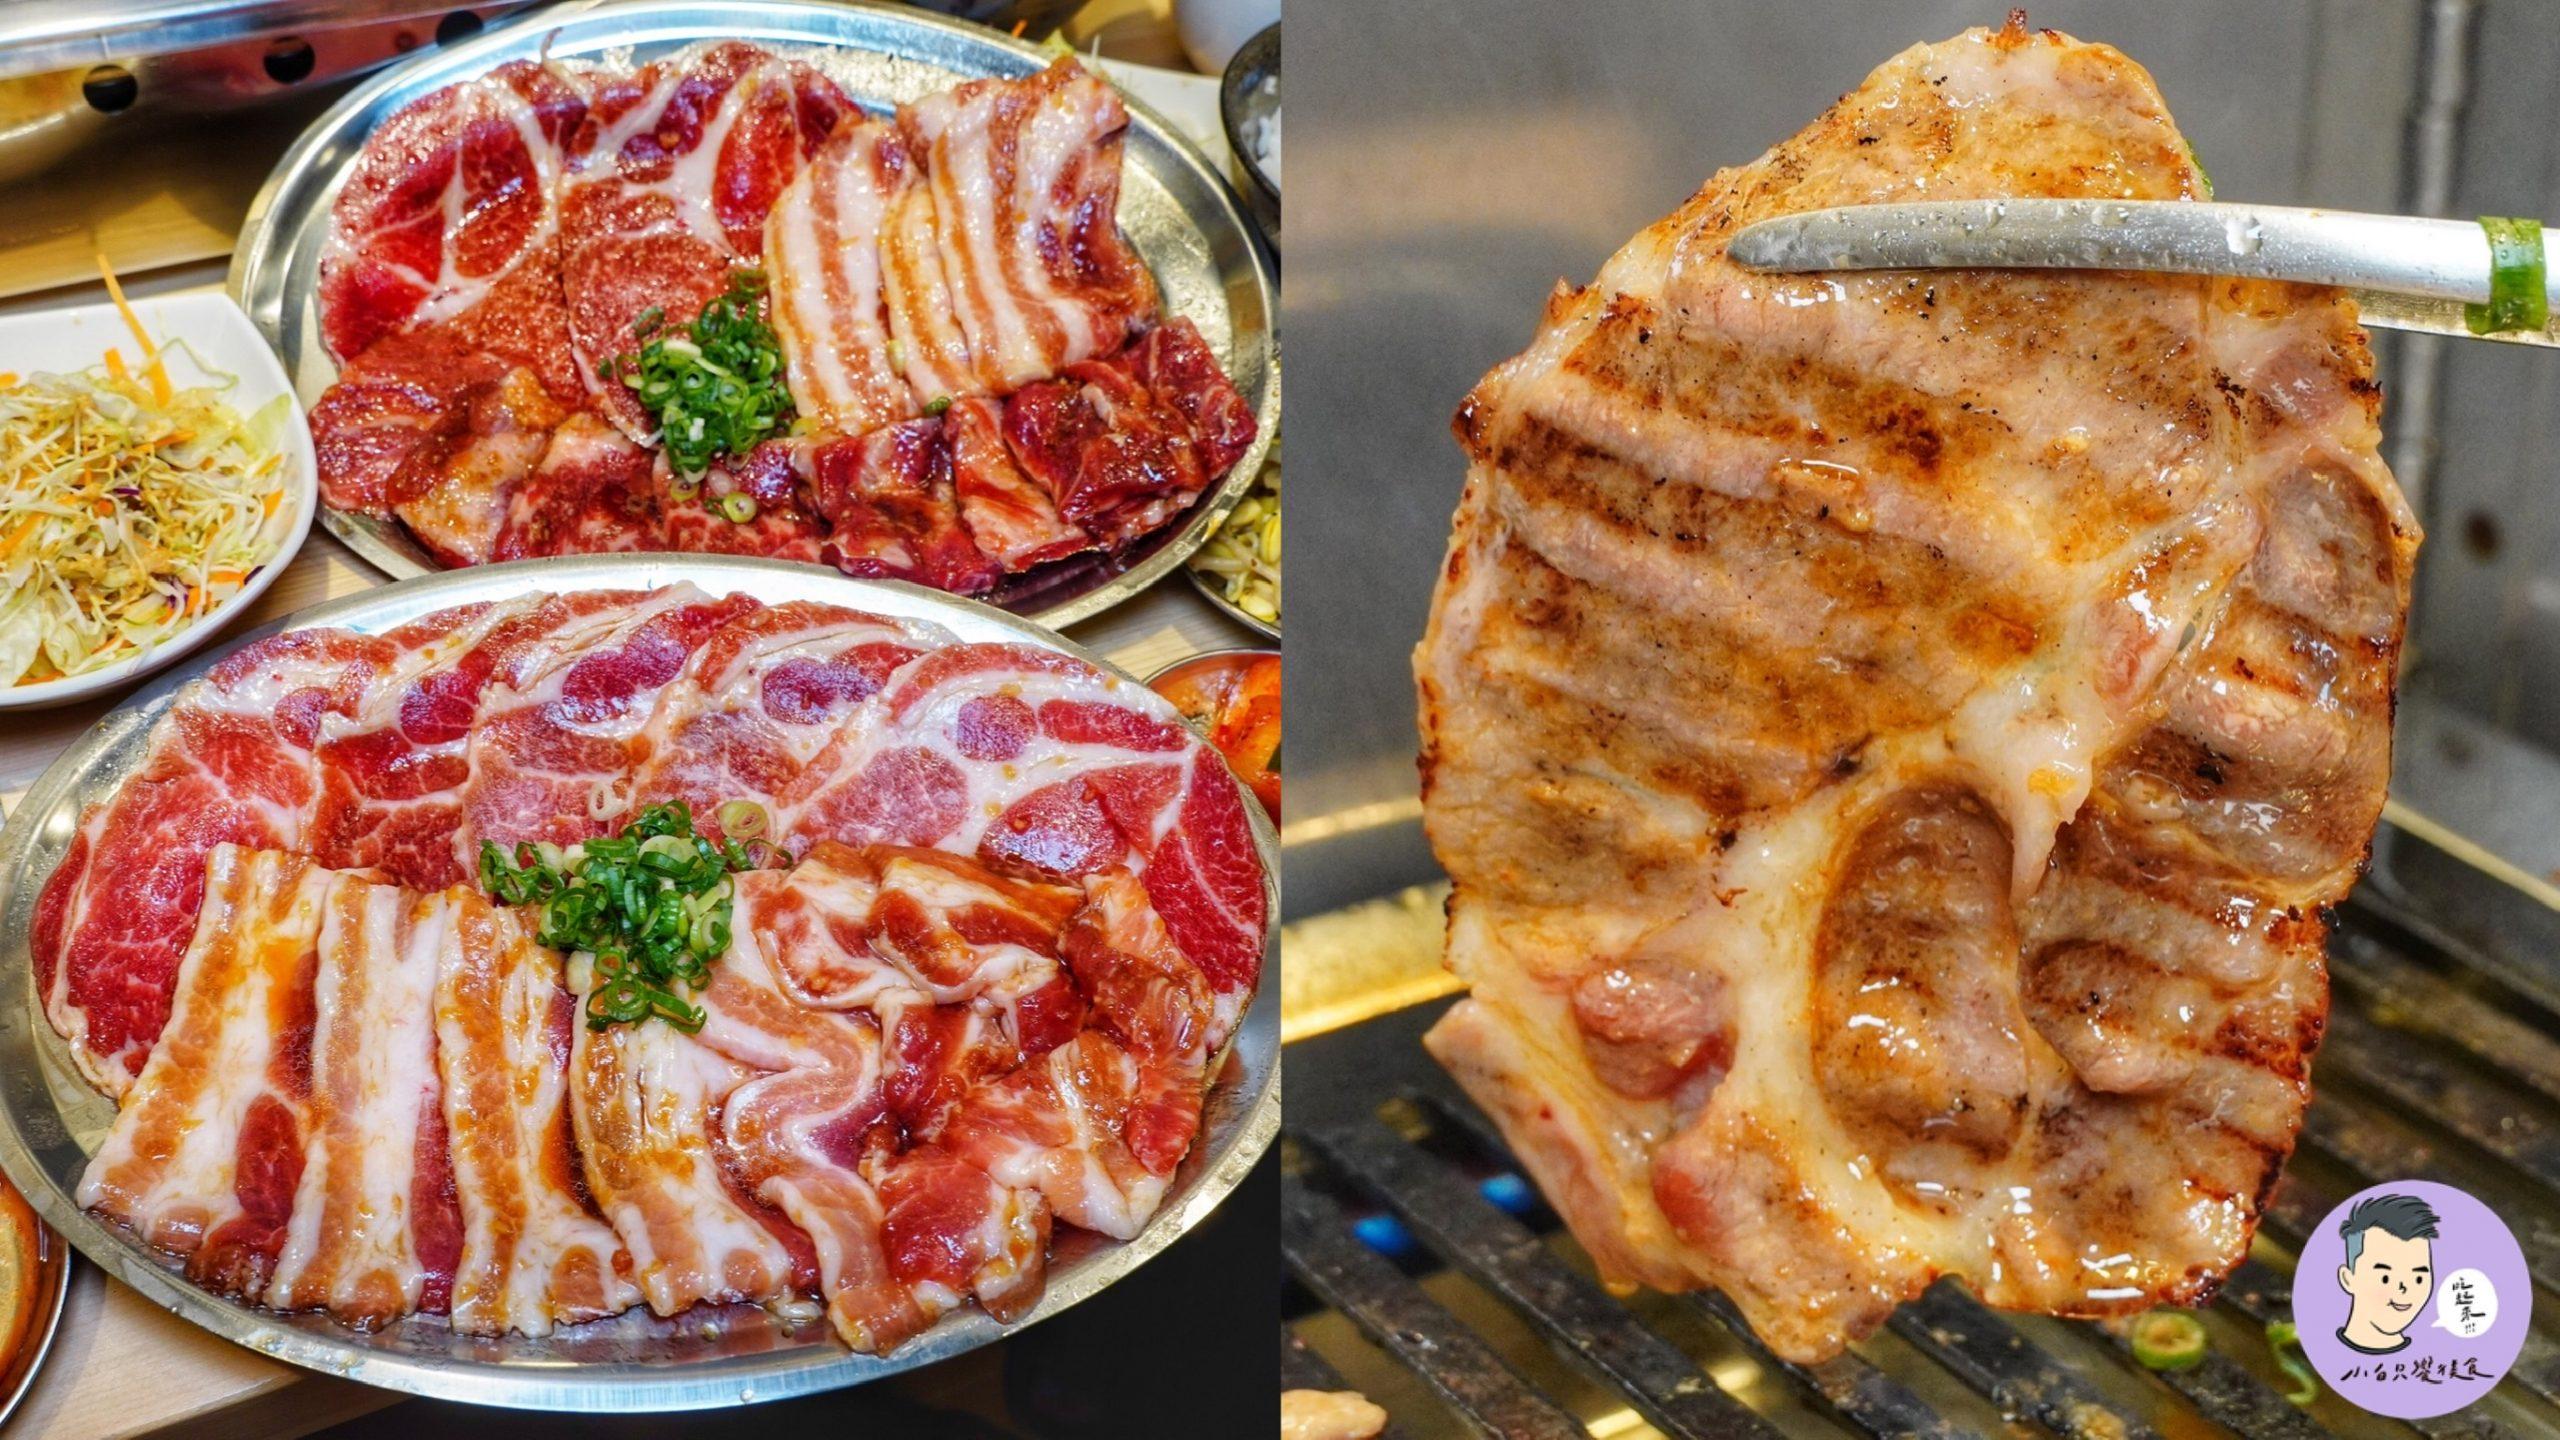 【台南新店】台南終於有一人燒肉了!每人300元起 免服務費/免開桌費 還沒開店就在排隊 – 燒肉難民營|台南美食|台南燒肉